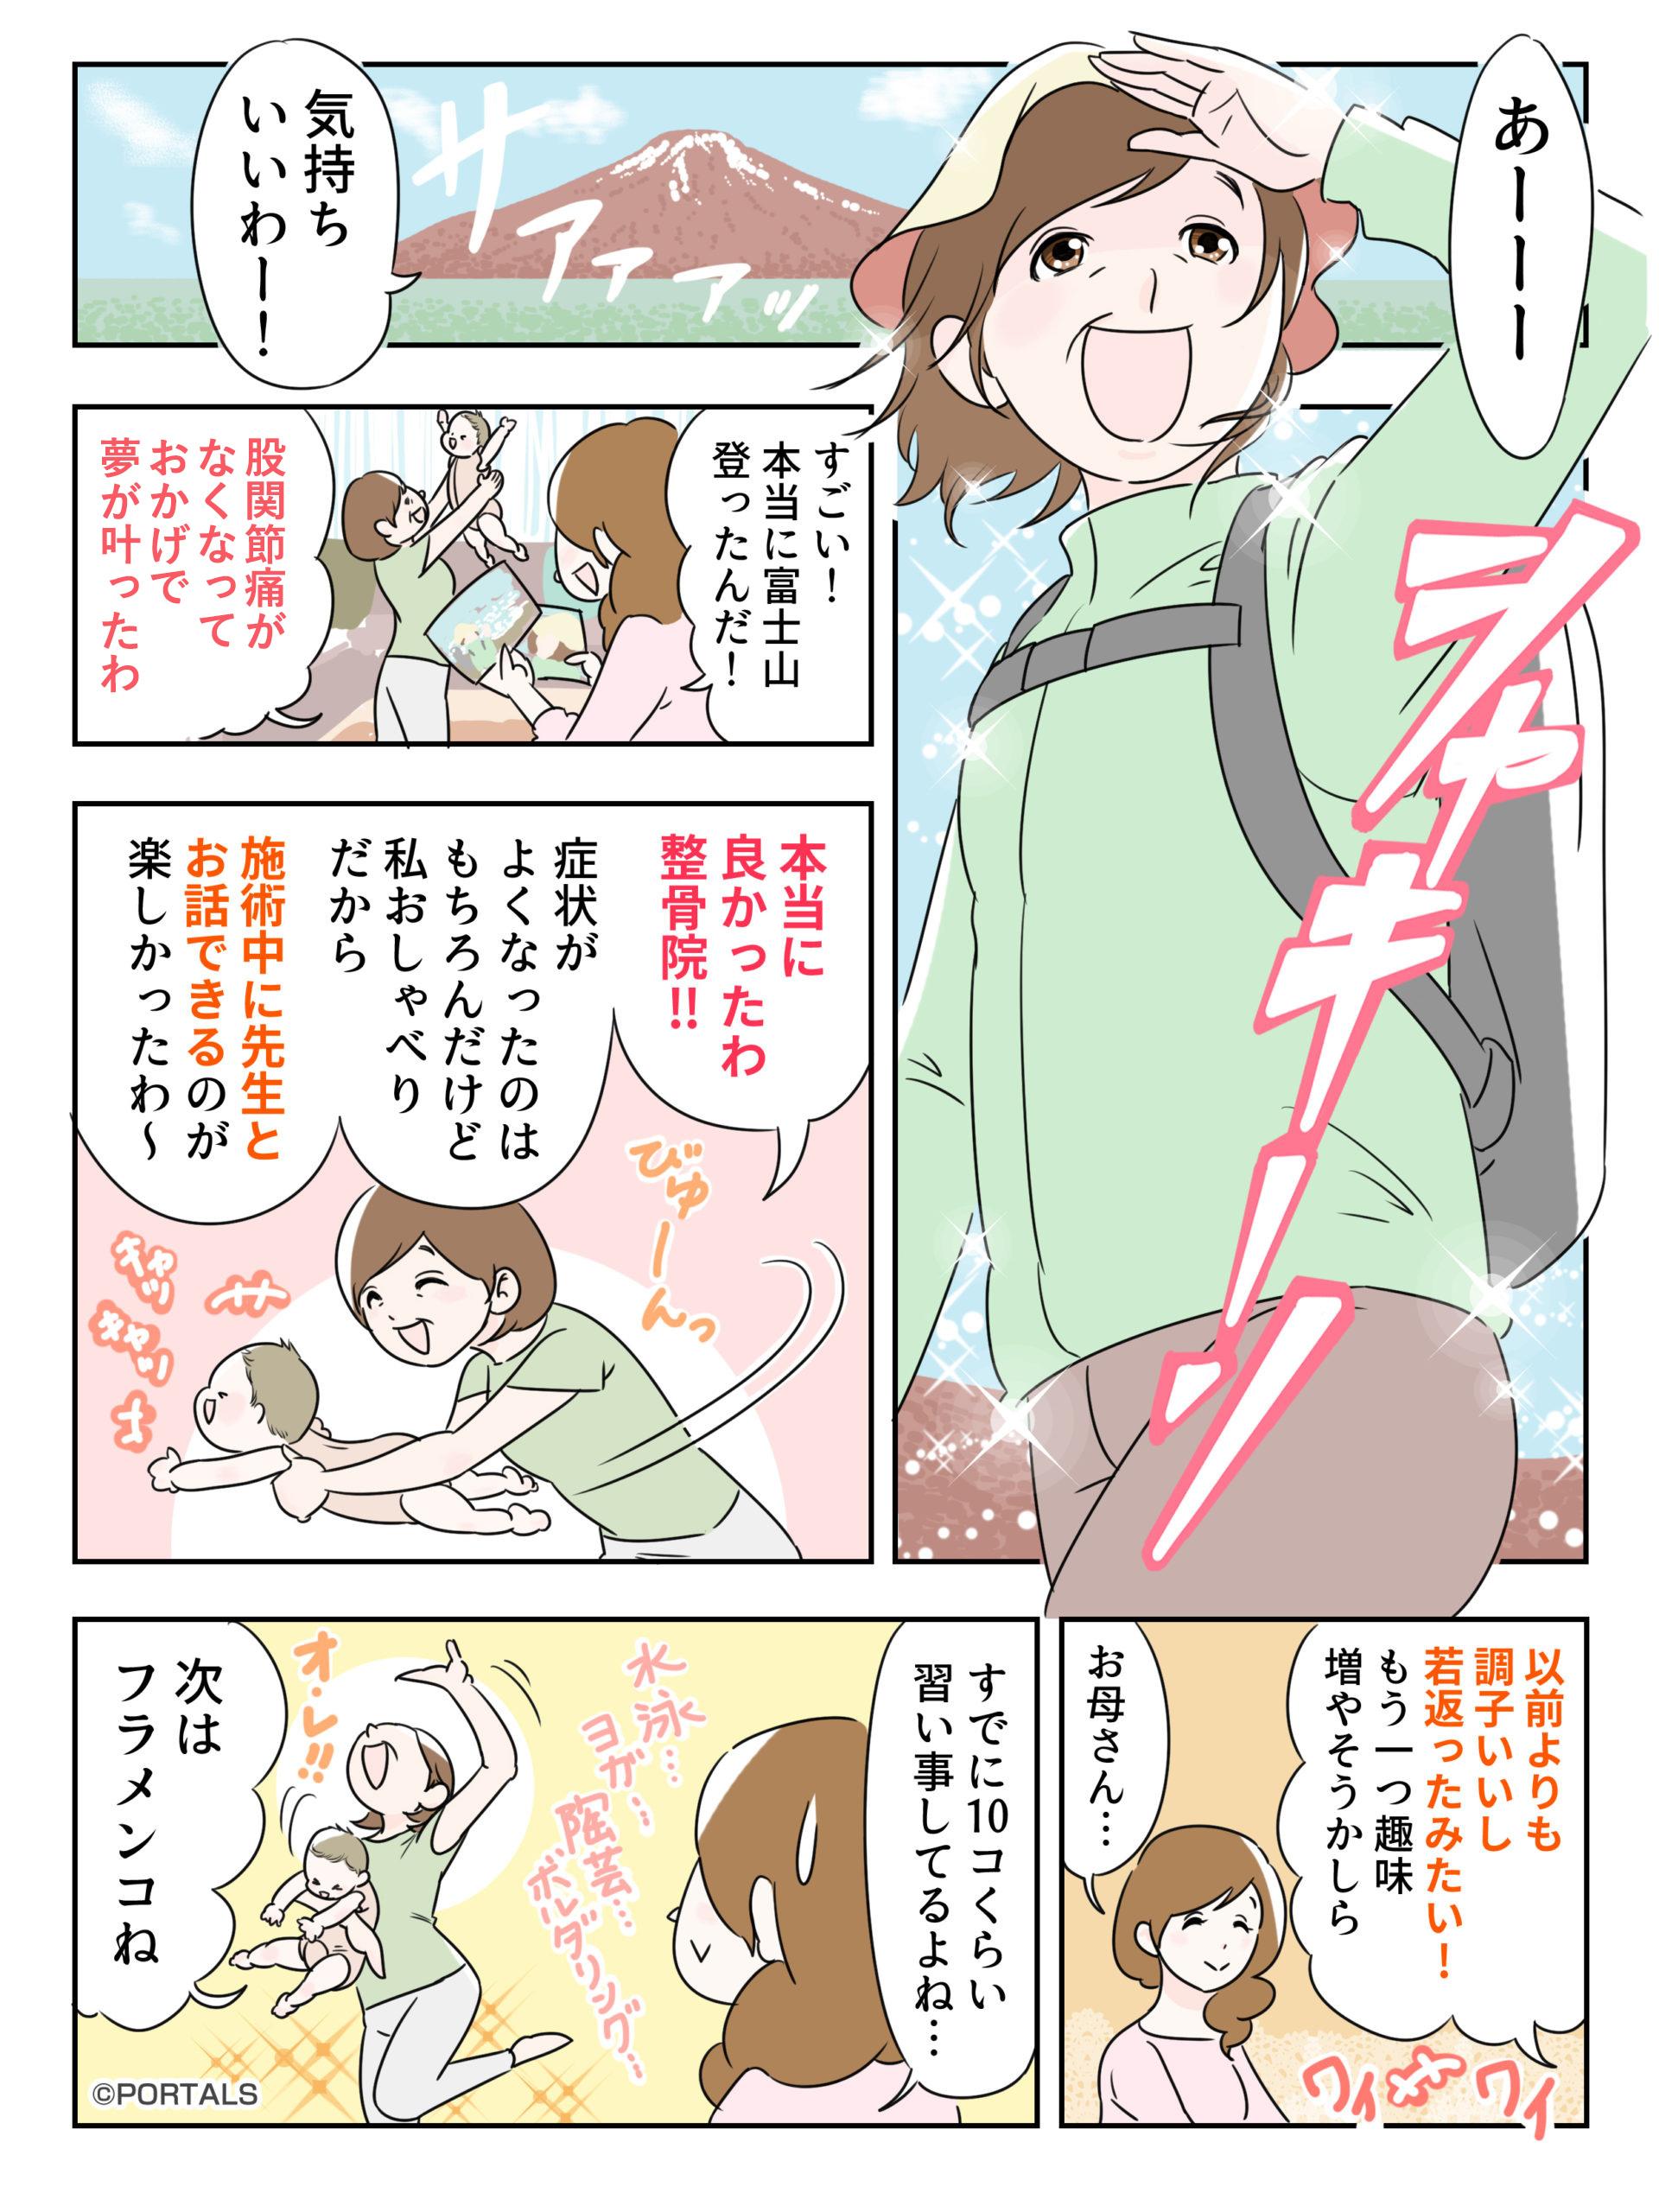 股関節痛マンガ1